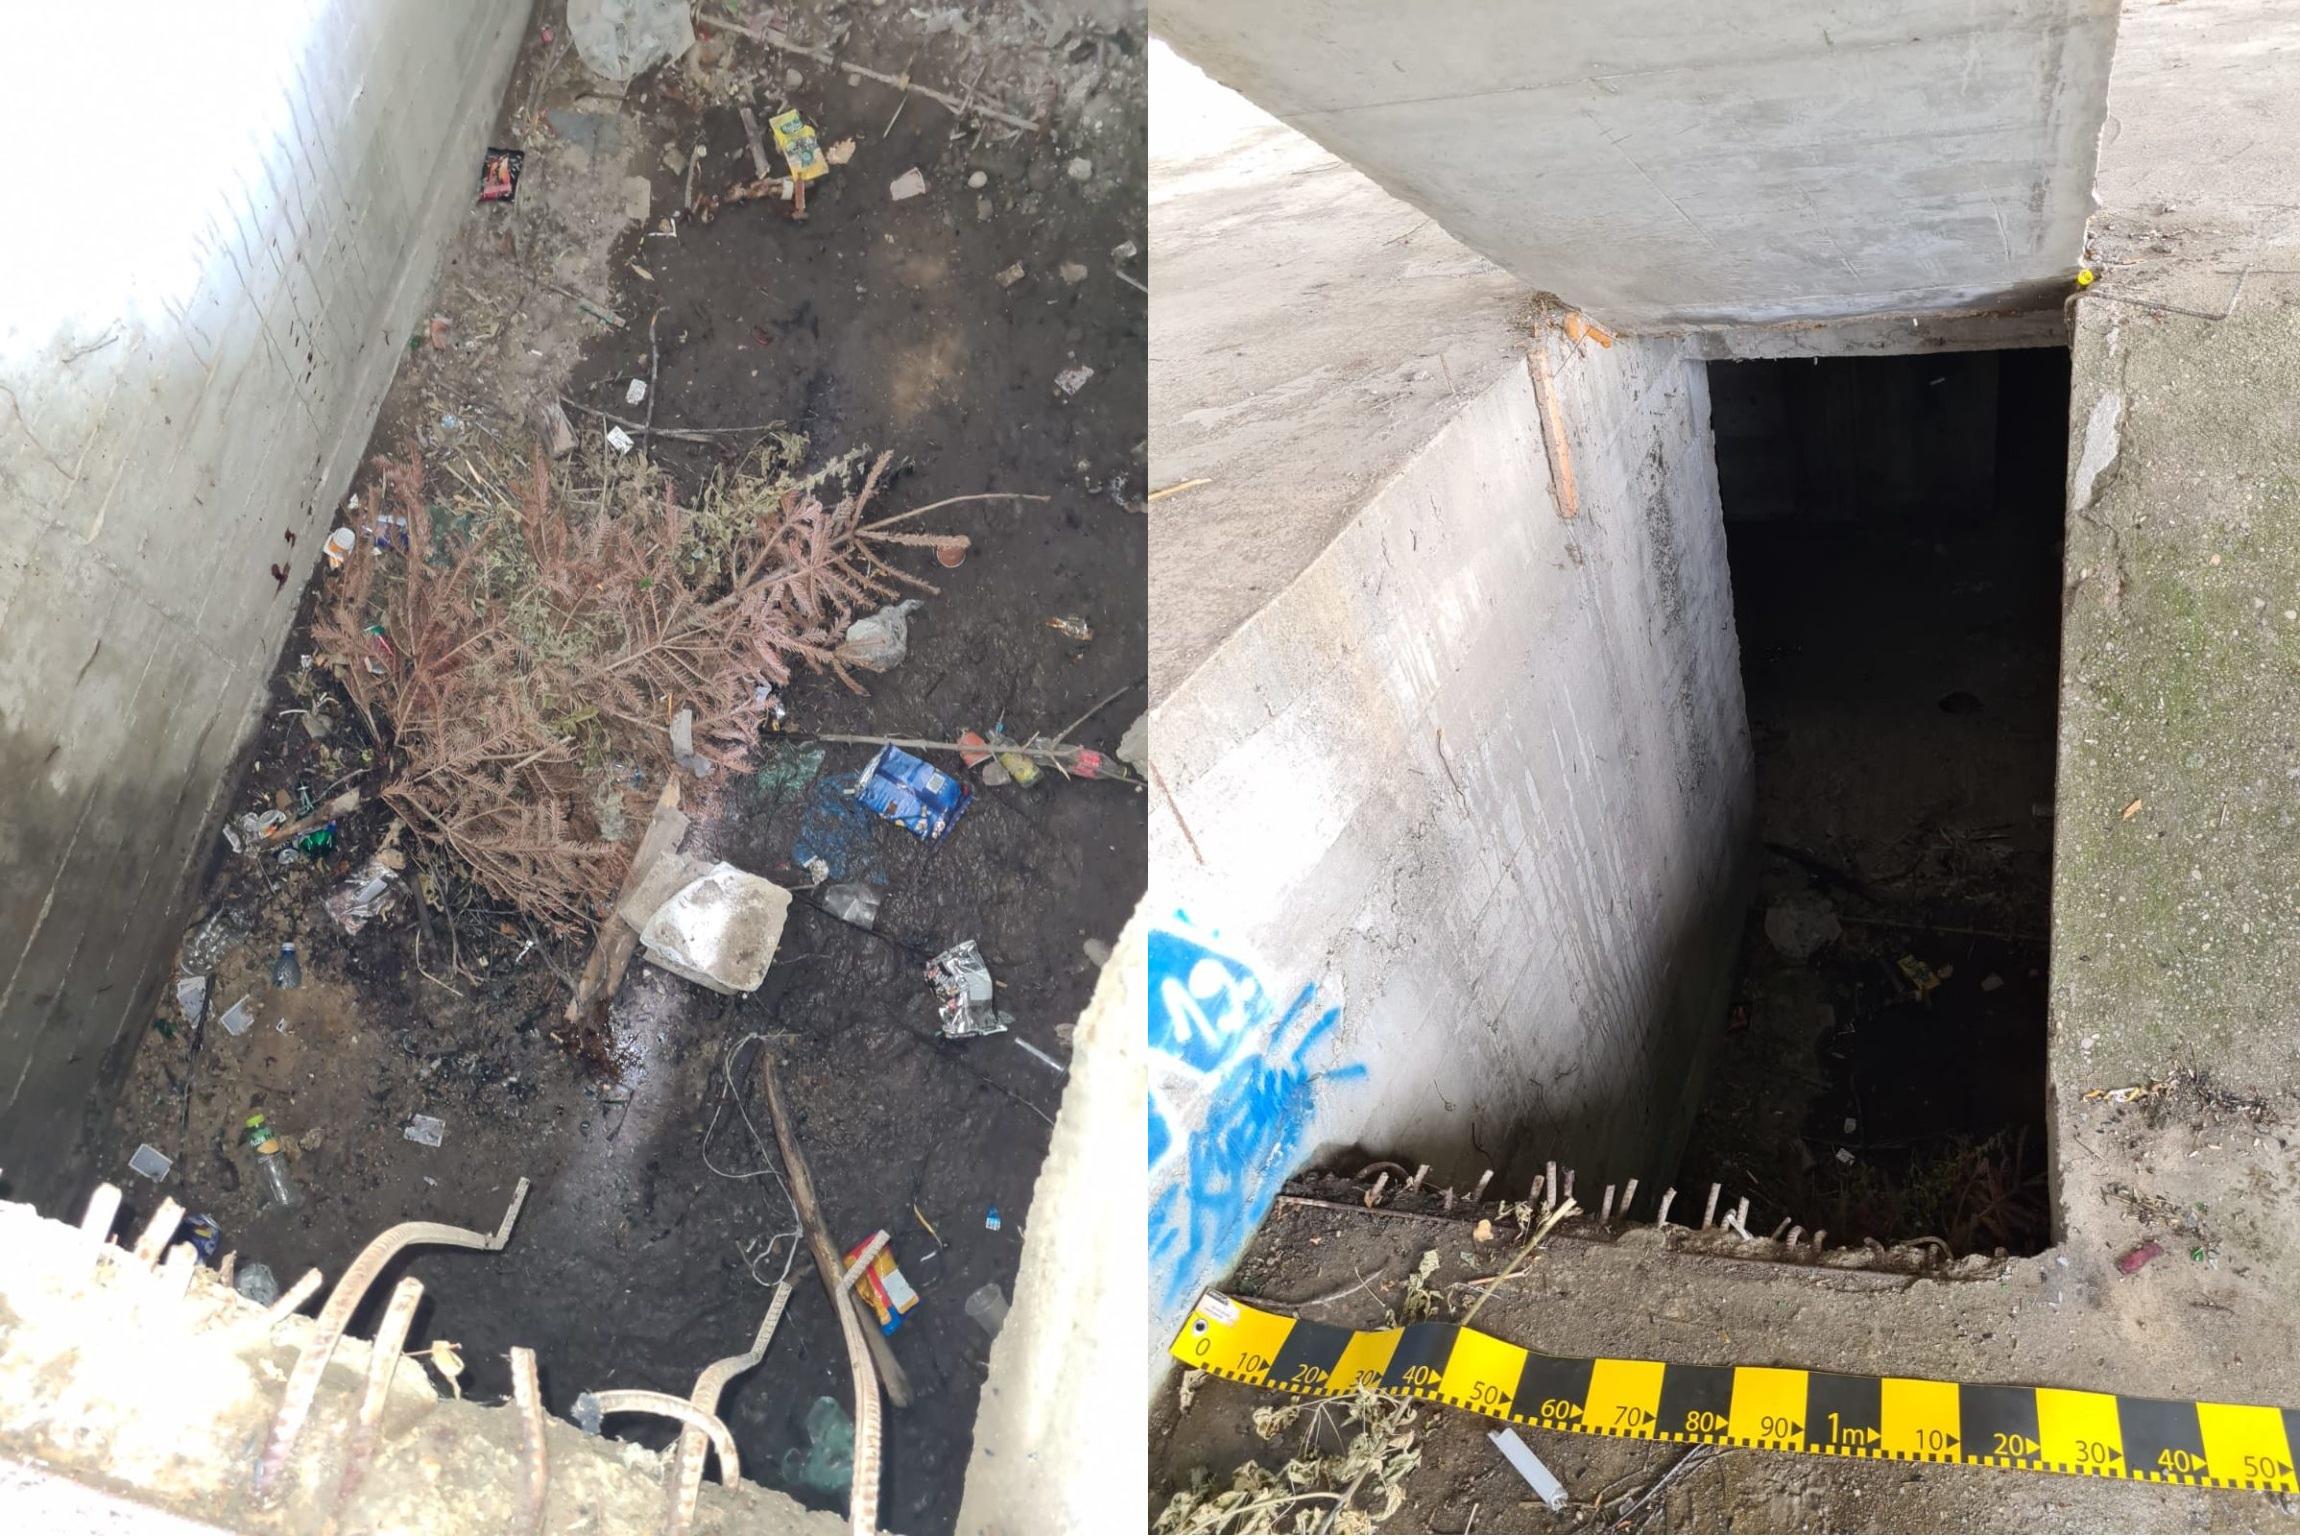 Bărbat agresat și aruncat în subsolul unui bloc din Corabia. Cum a reușit să scape